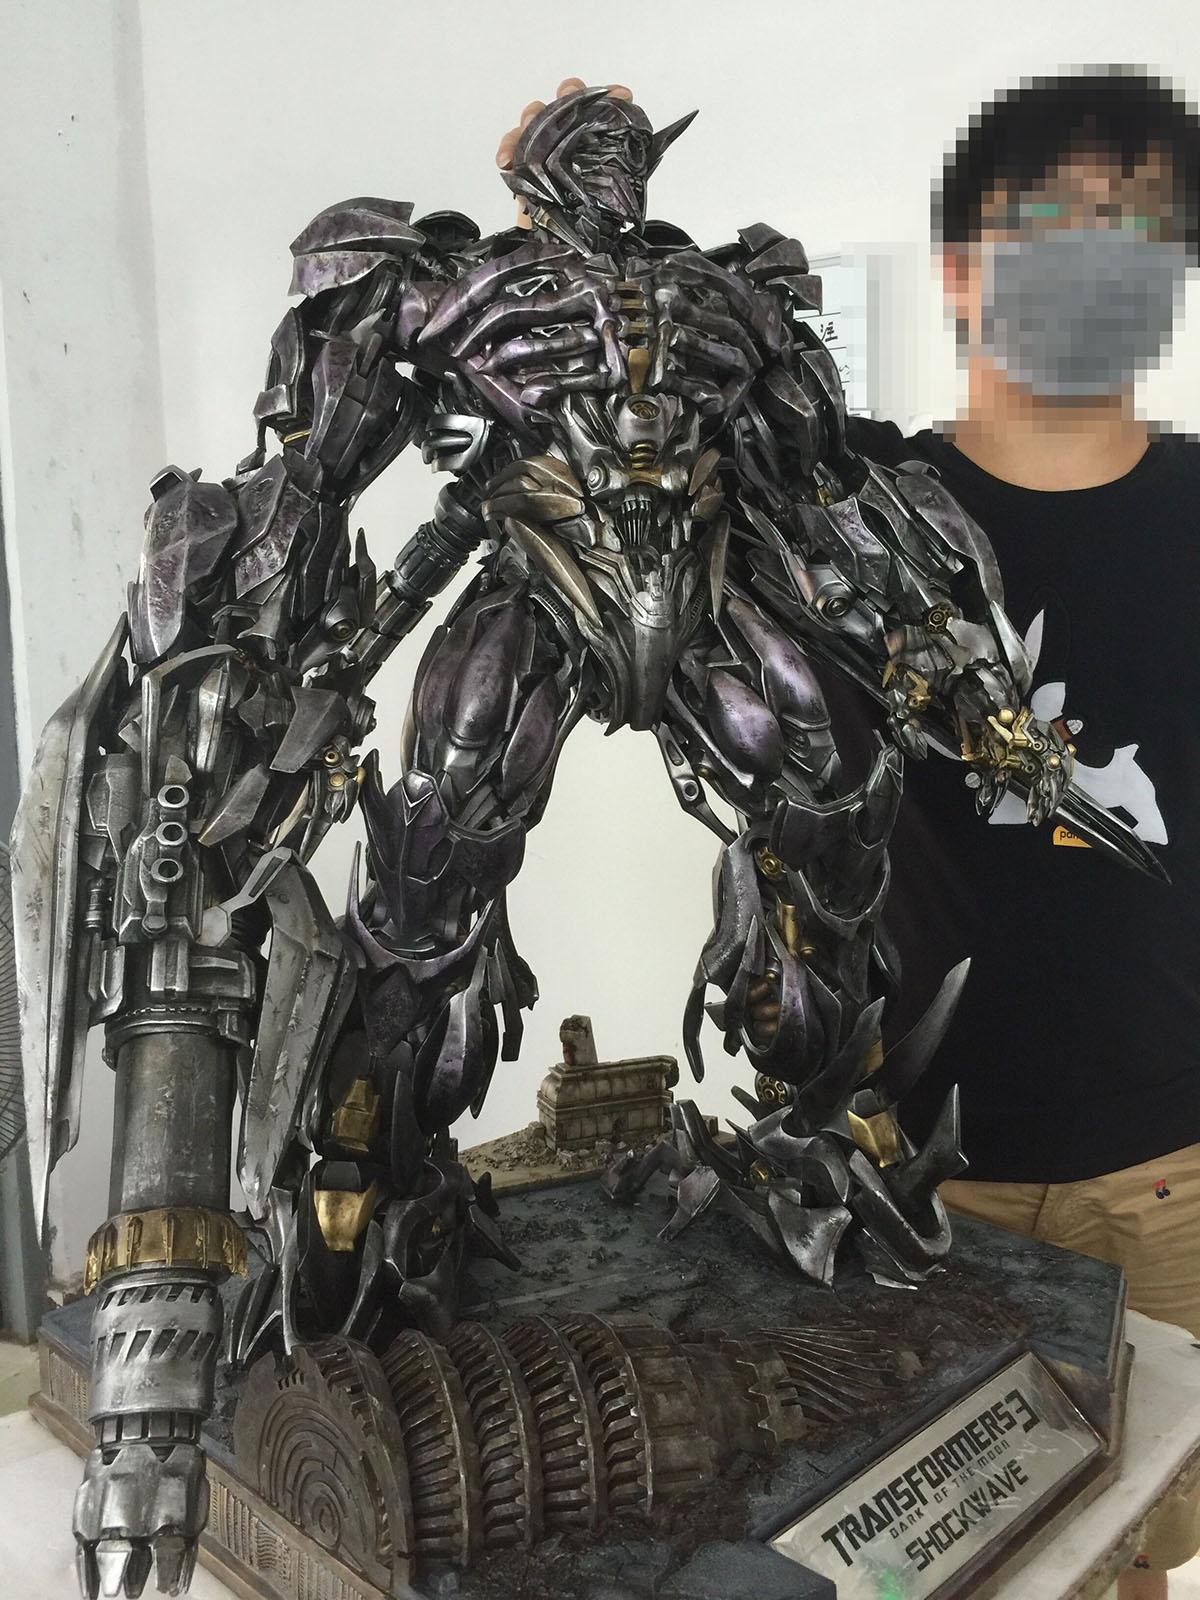 Statues des Films Transformers (articulé, non transformable) ― Par Prime1Studio, M3 Studio, Concept Zone, Super Fans Group, Soap Studio, Soldier Story Toys, etc - Page 3 308499743